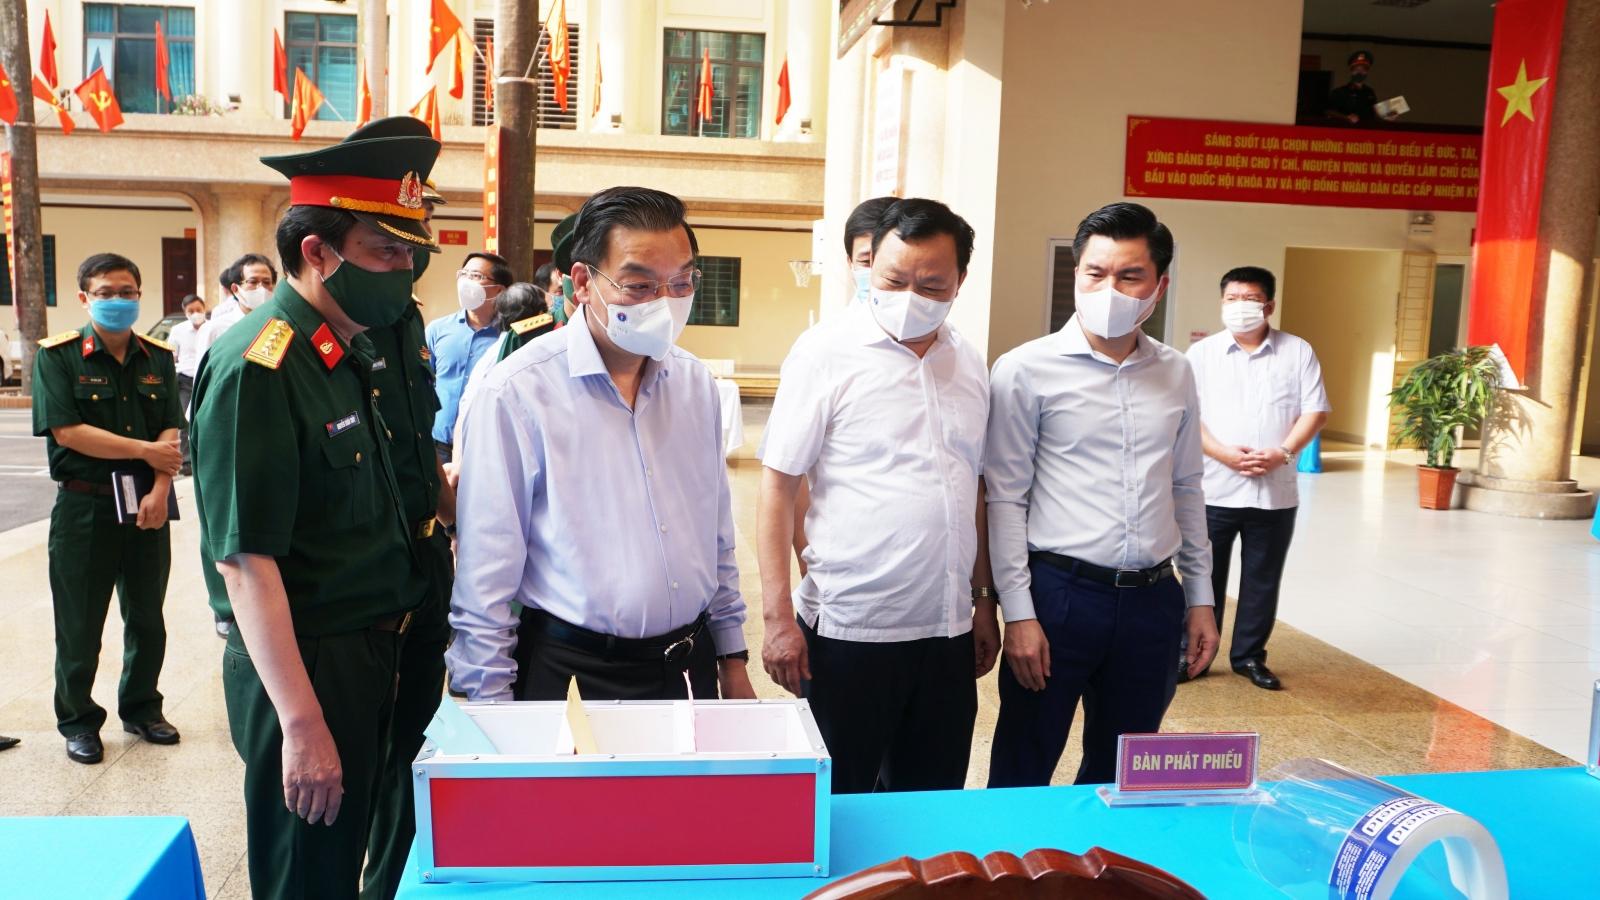 Chủ tịch UBND TP Hà Nội: Để bầu cử an toàn, phải làm tốt từng chi tiết nhỏ nhất